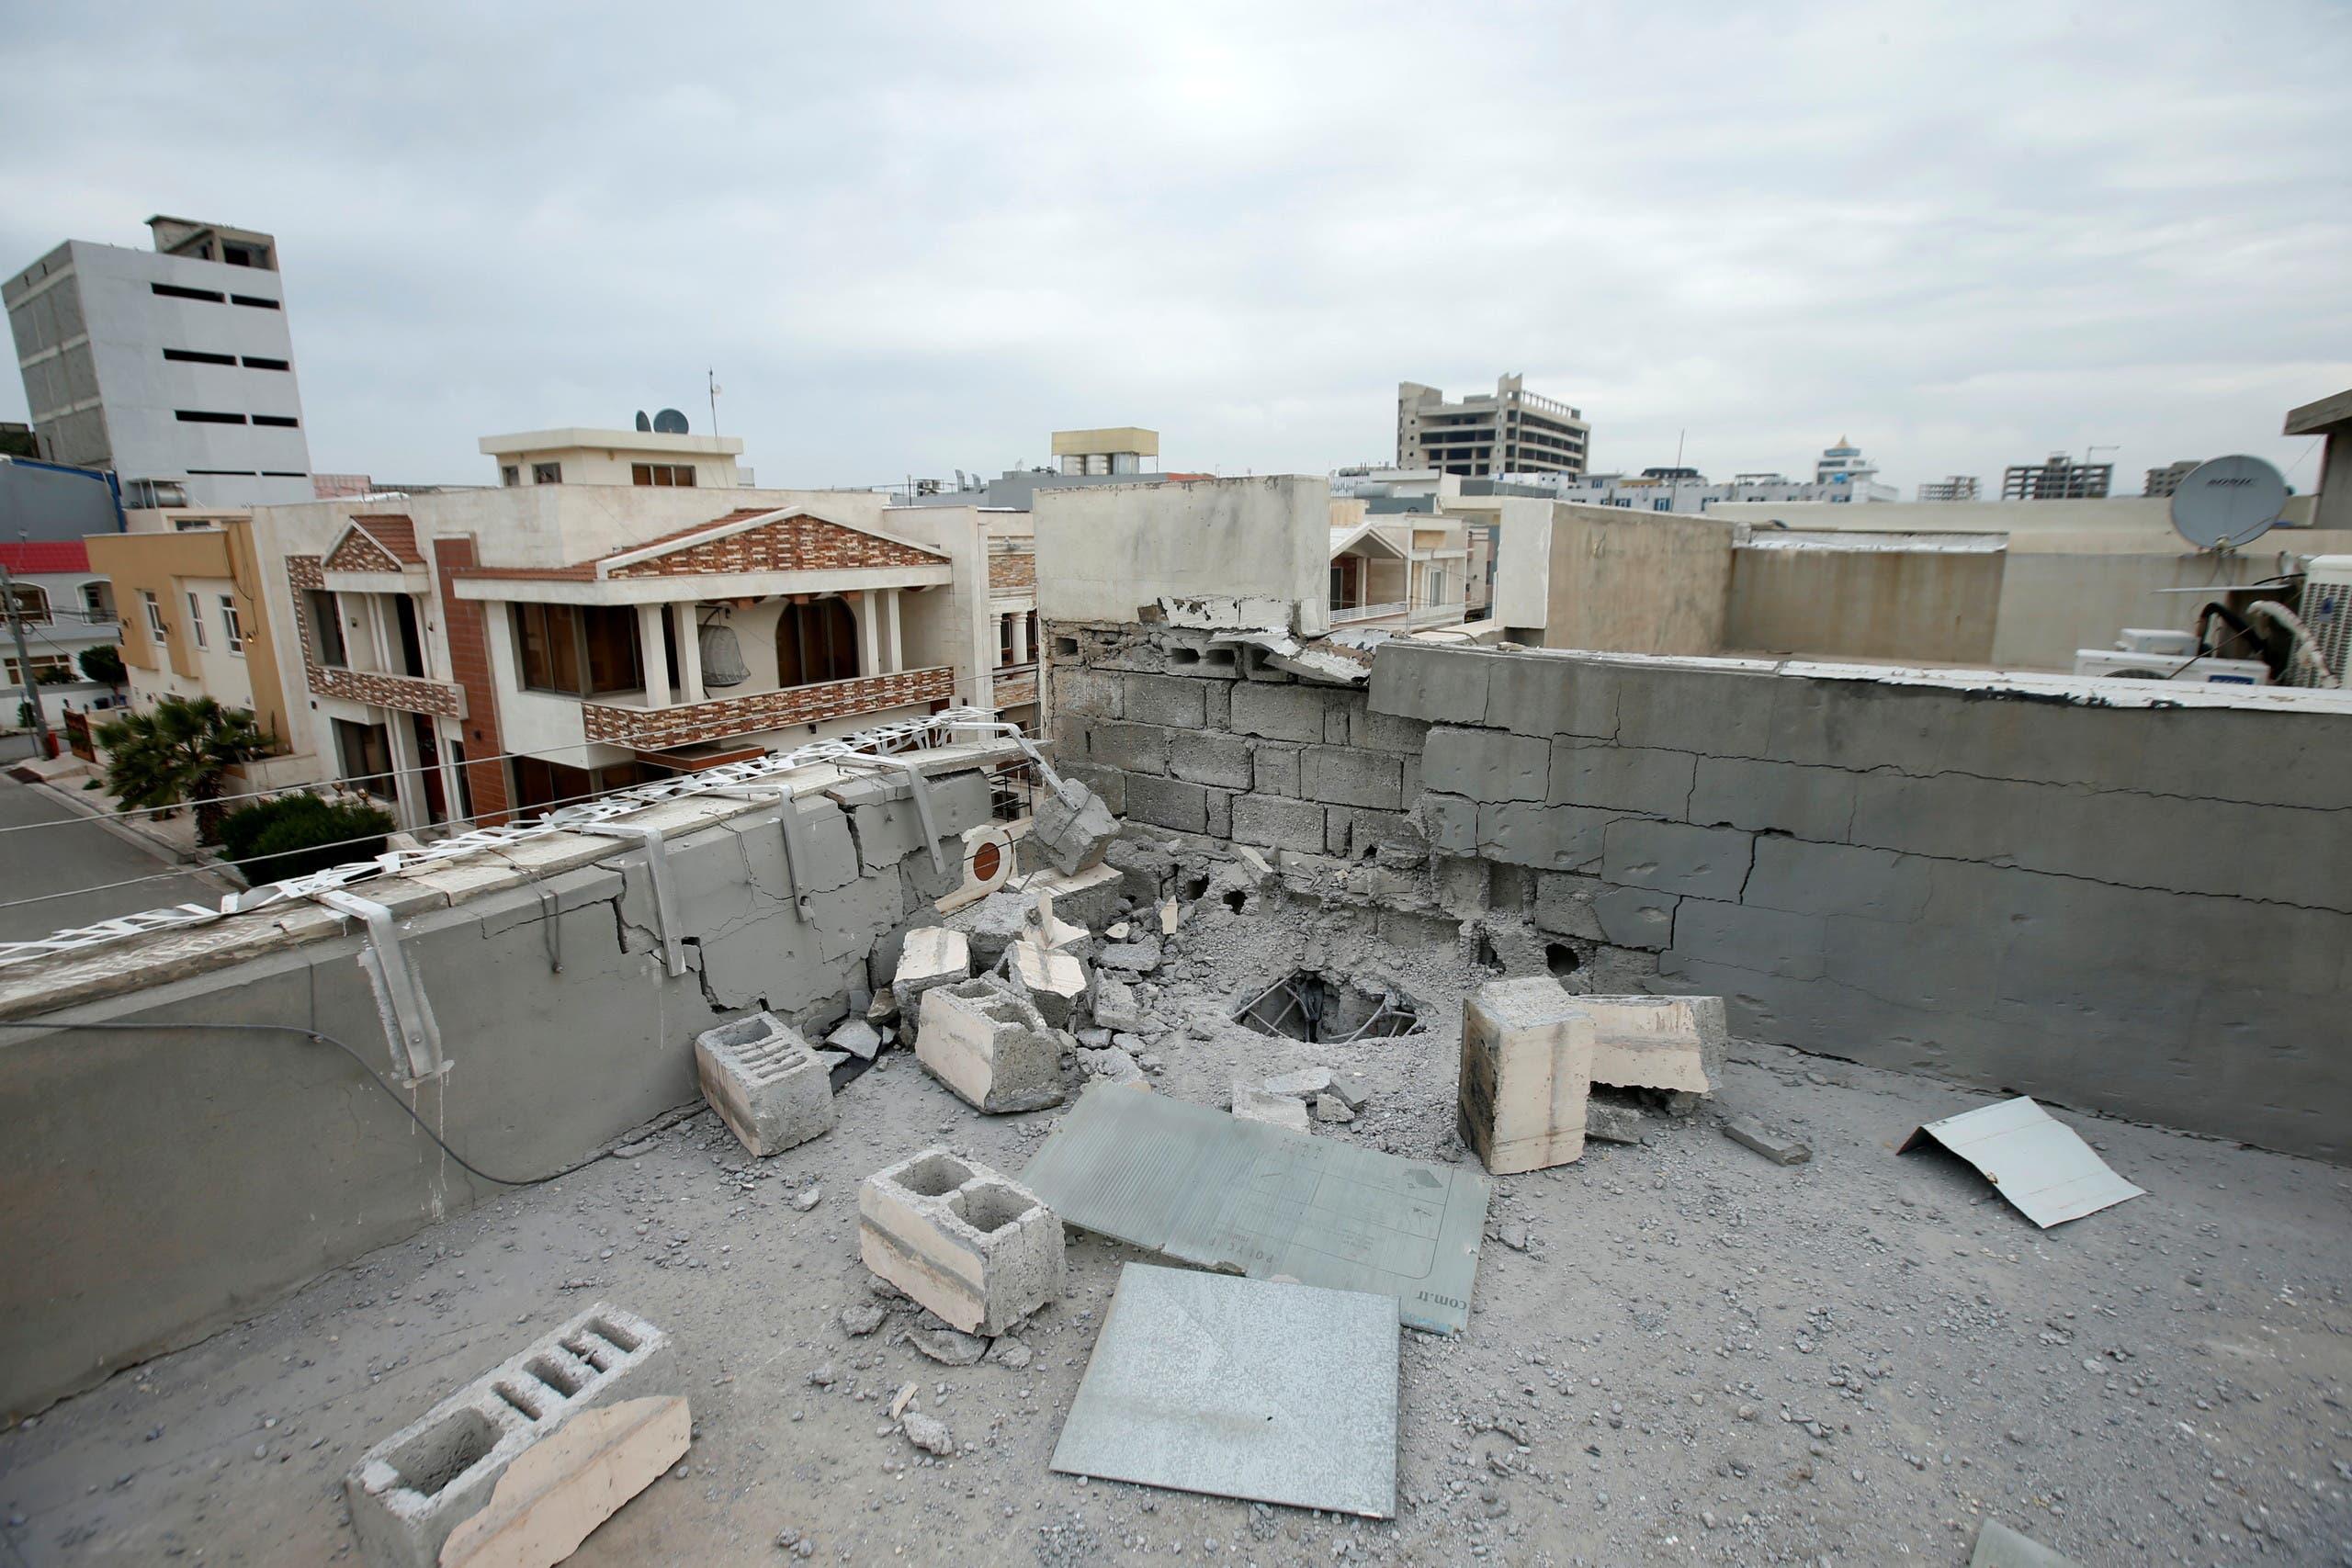 أضرار خلفها الهجوم على القوات الأميركية في اربيل منتصف فبراير